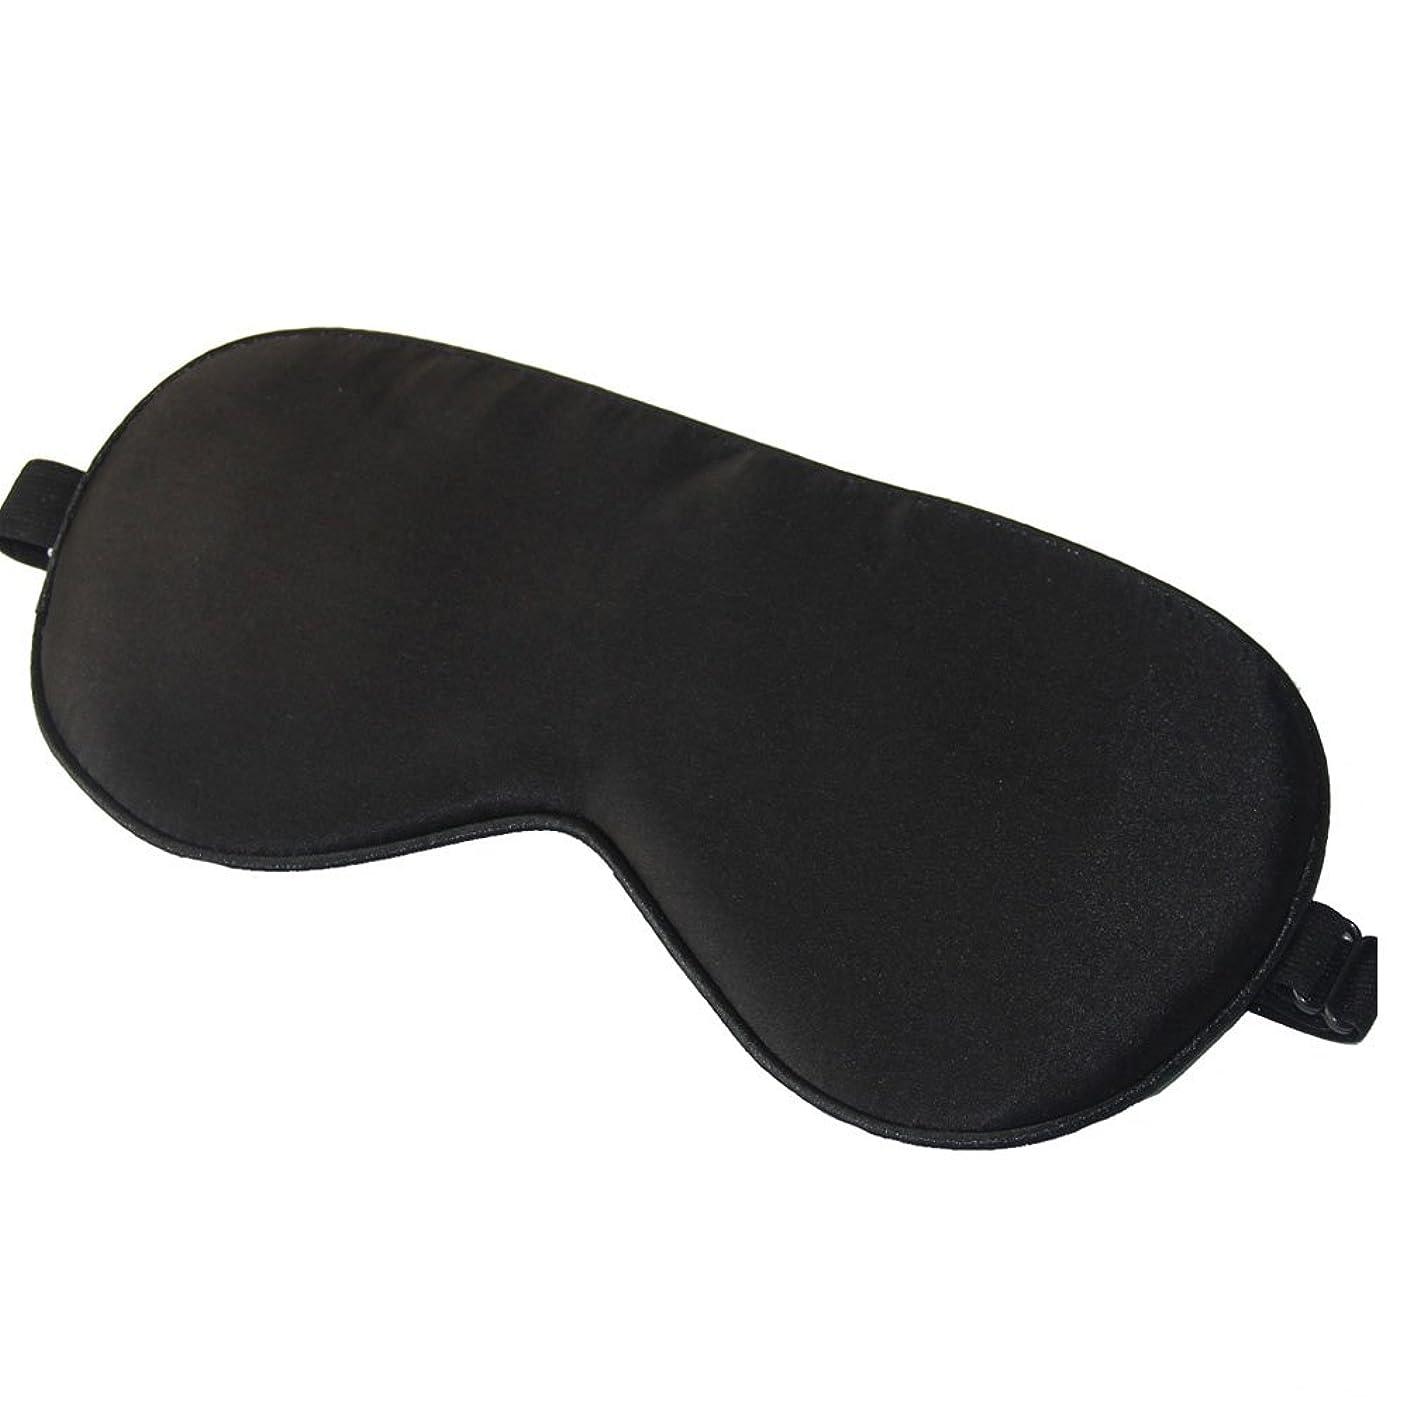 弾丸湿ったカポックHOPEFORTH かシルク100%のおしゃれな高級アイマスク 肌心地が抜群で、快眠をお手 伝い